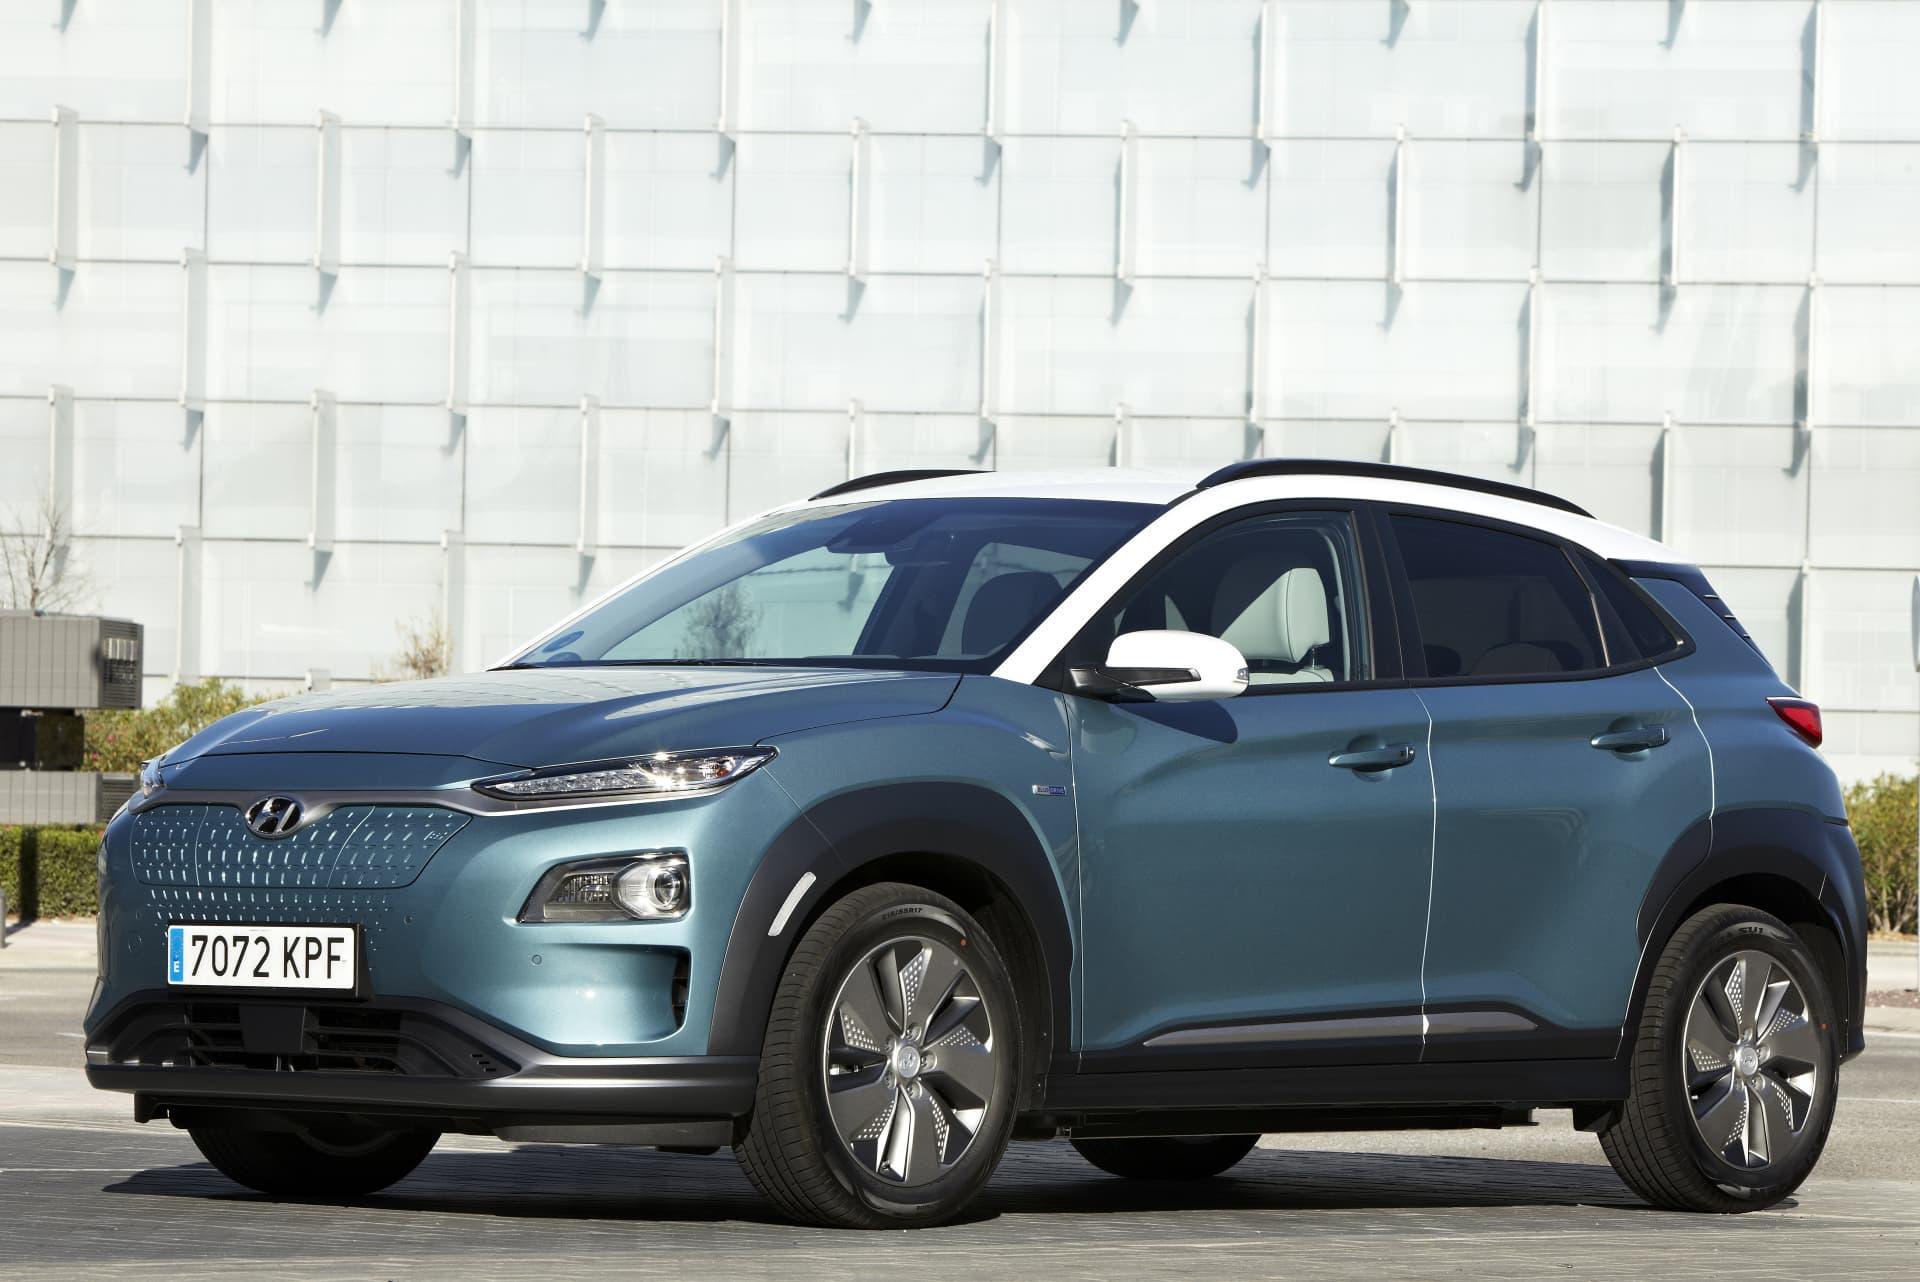 Hyundai Kona Fotos Dm 32